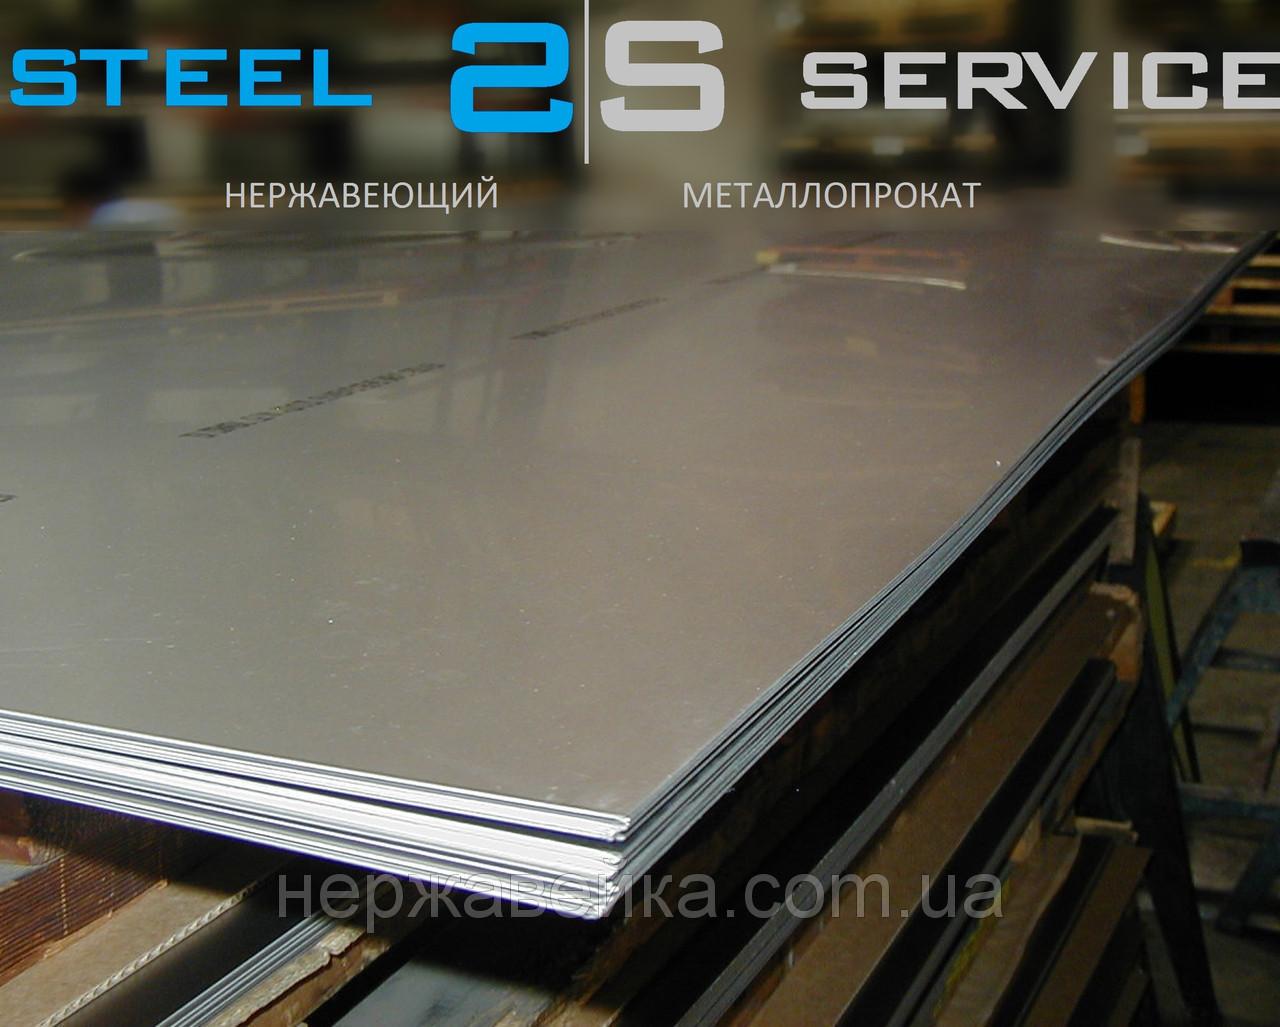 Нержавейка лист 1,5х1500х3000мм  AISI 304(08Х18Н10) 4N - шлифованный,  пищевой